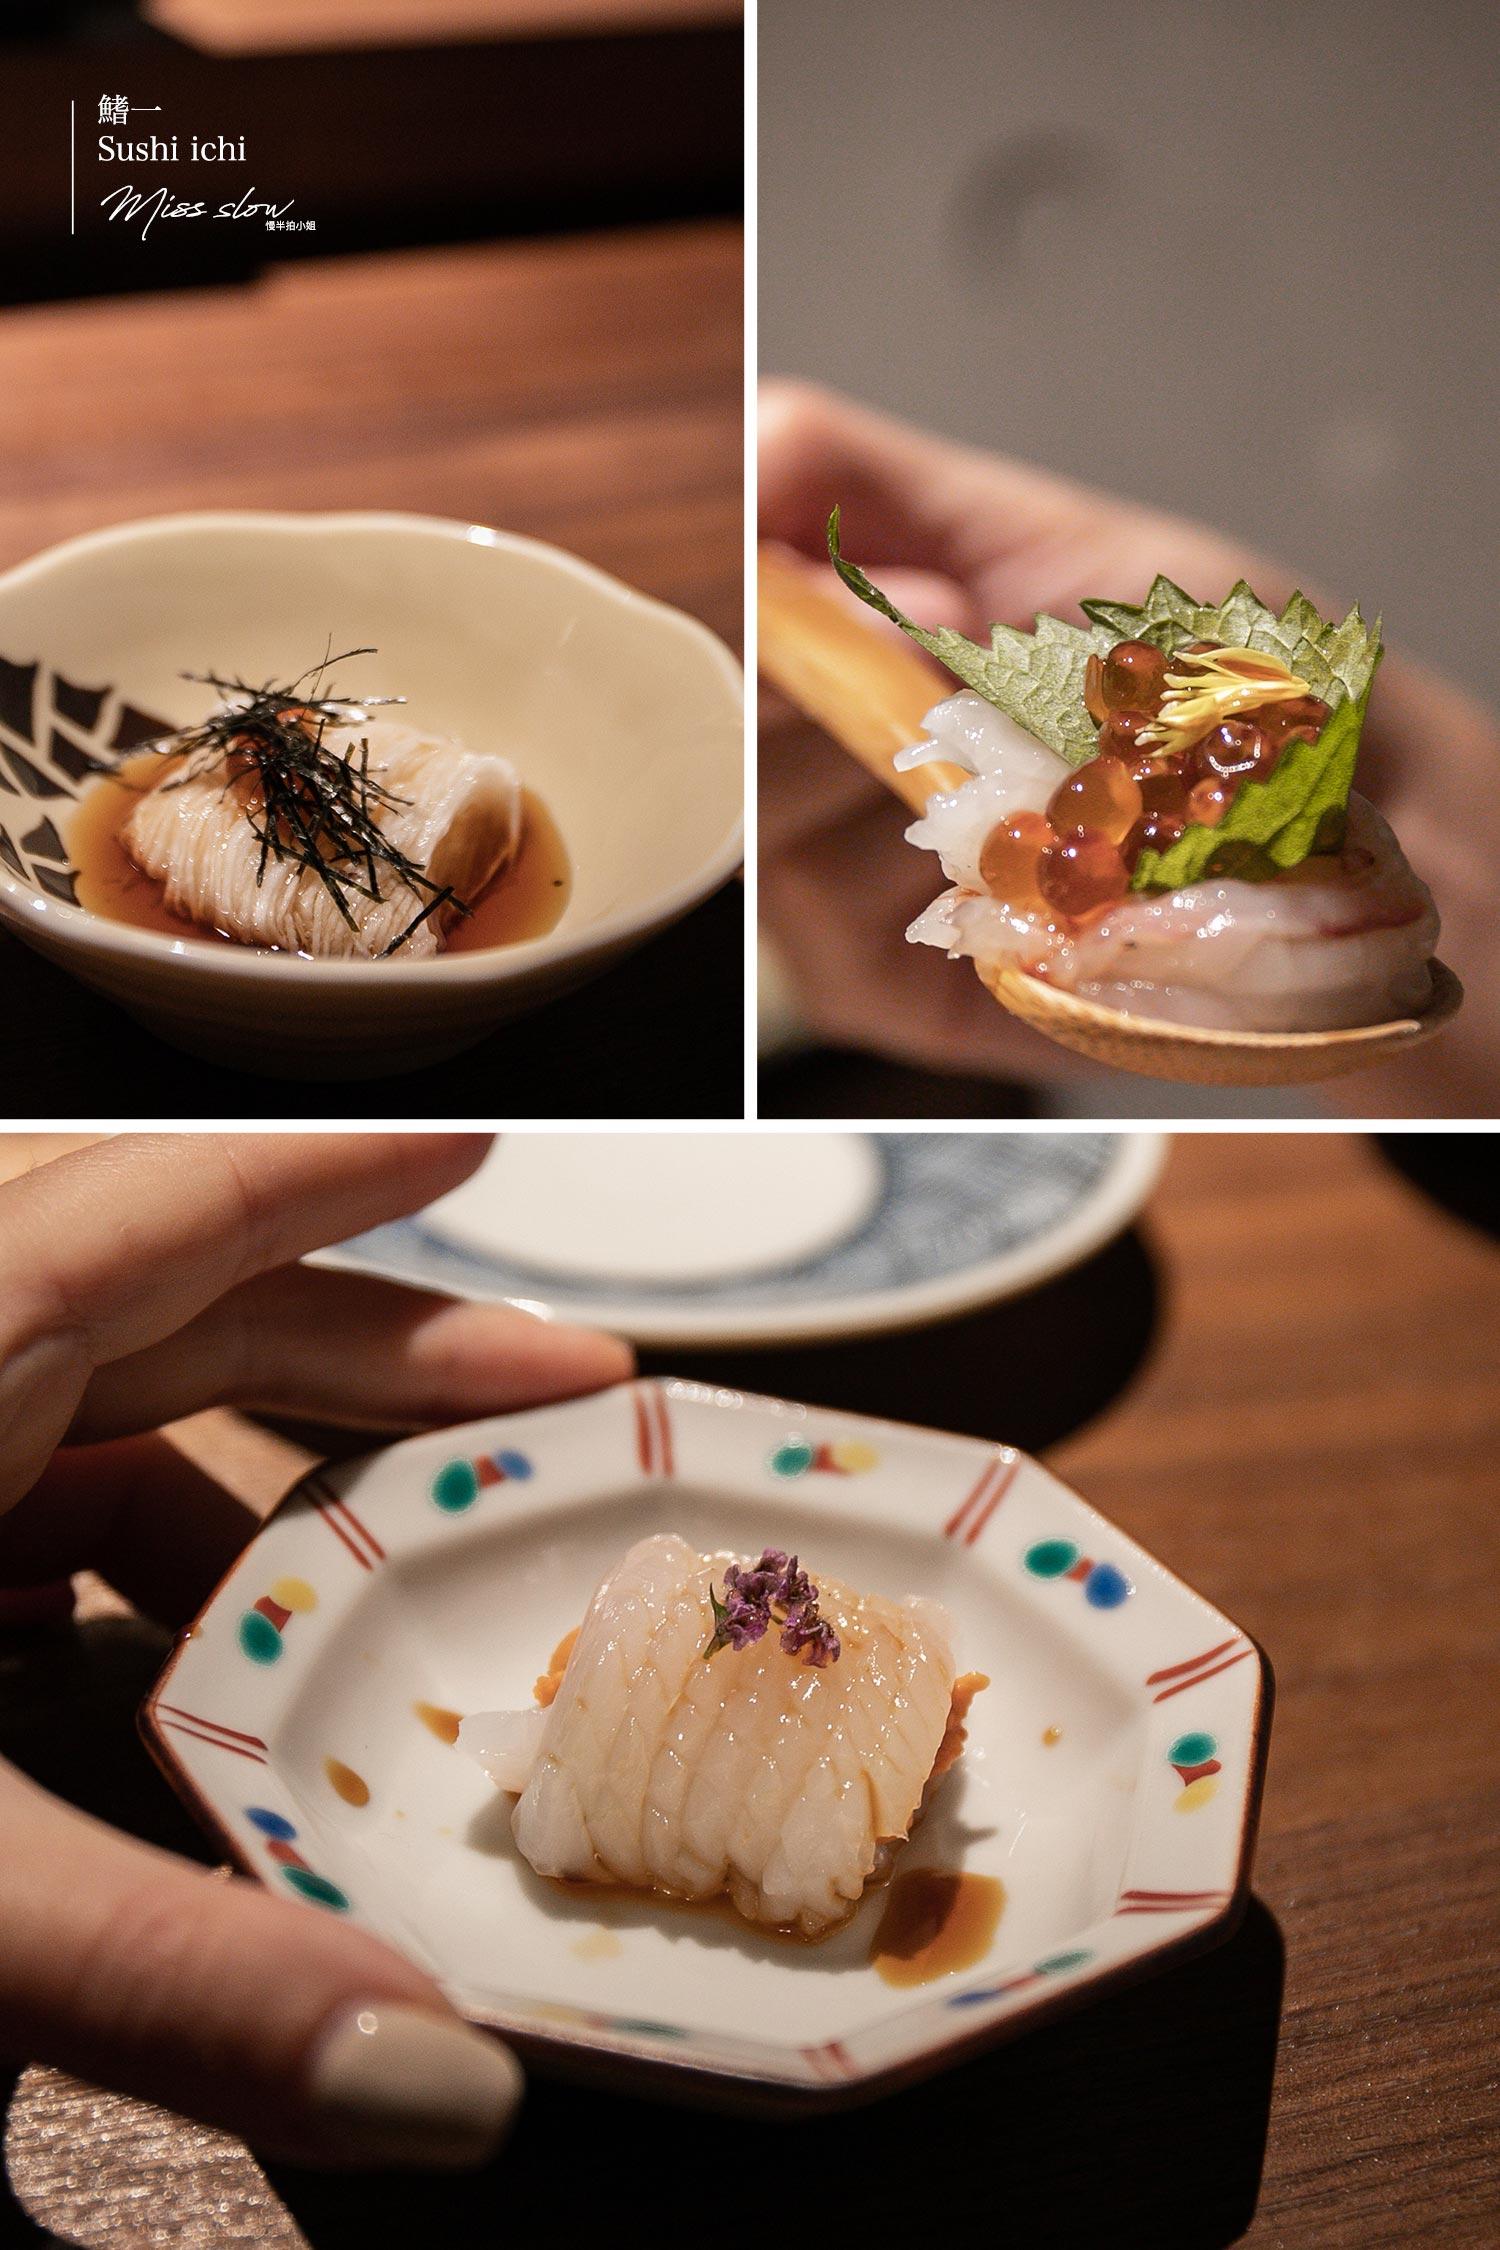 鰭一日本料理_山藥海苔,紫蘇海膽,甜蝦鮭魚卵